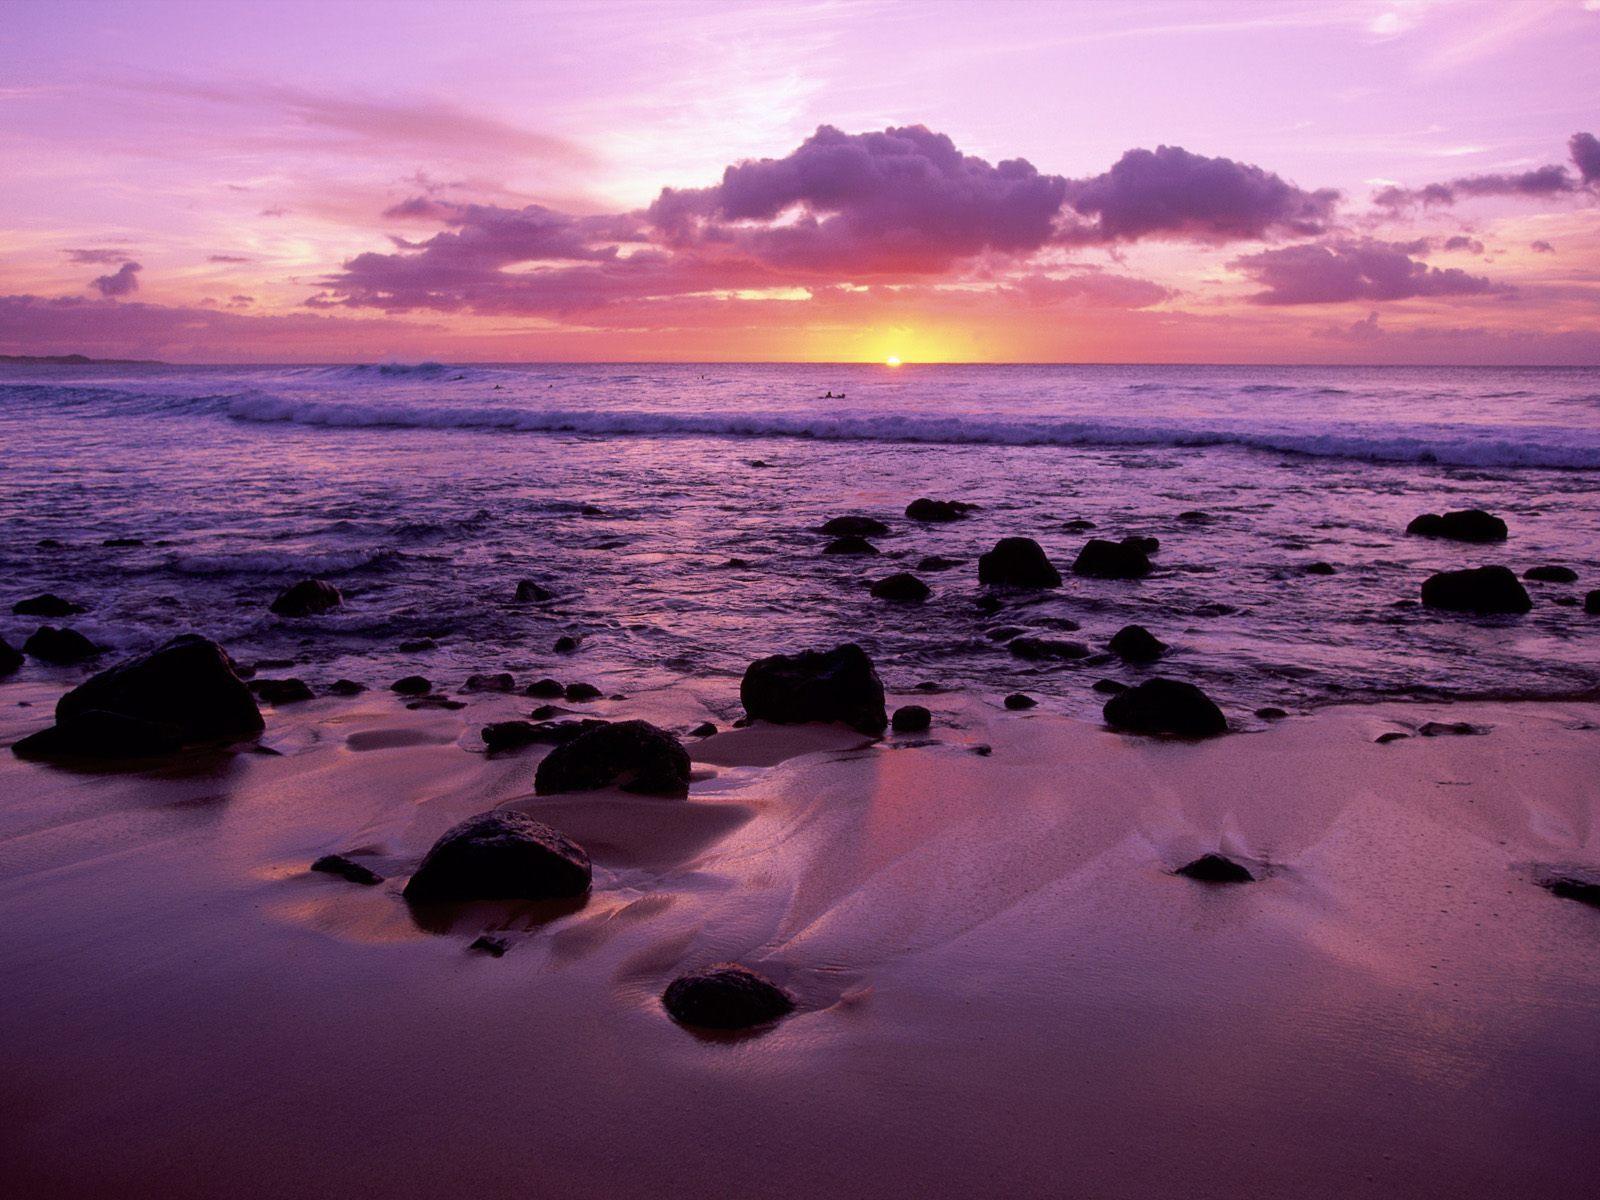 Molokai Shore, Hawaii